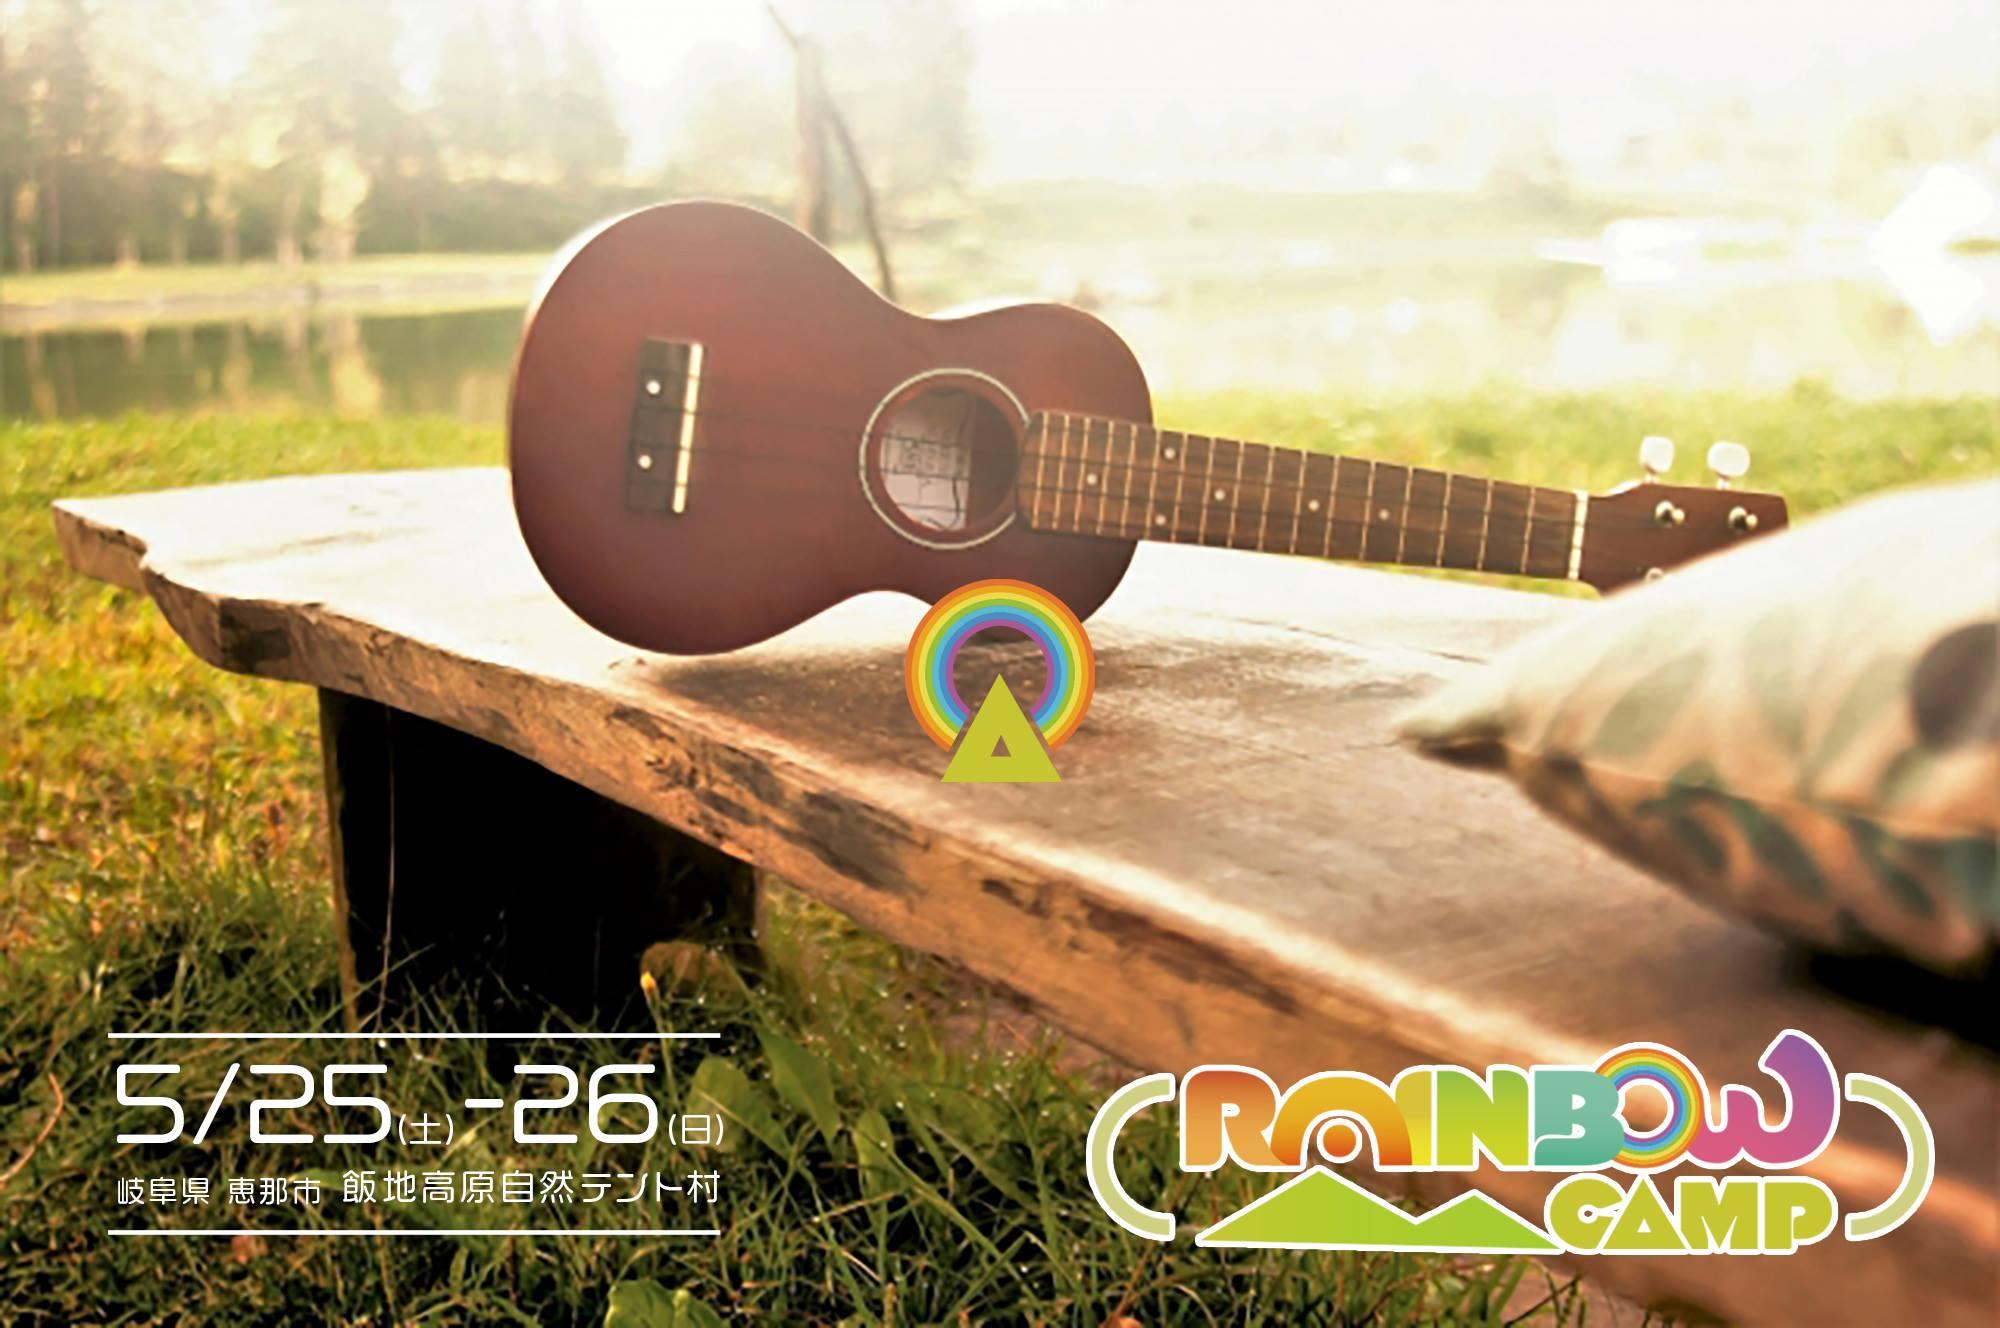 家族でキャンプと自然と音楽を楽しめる「RAINBOW CAMP ~飯地高原音楽祭~」が5月末に開催